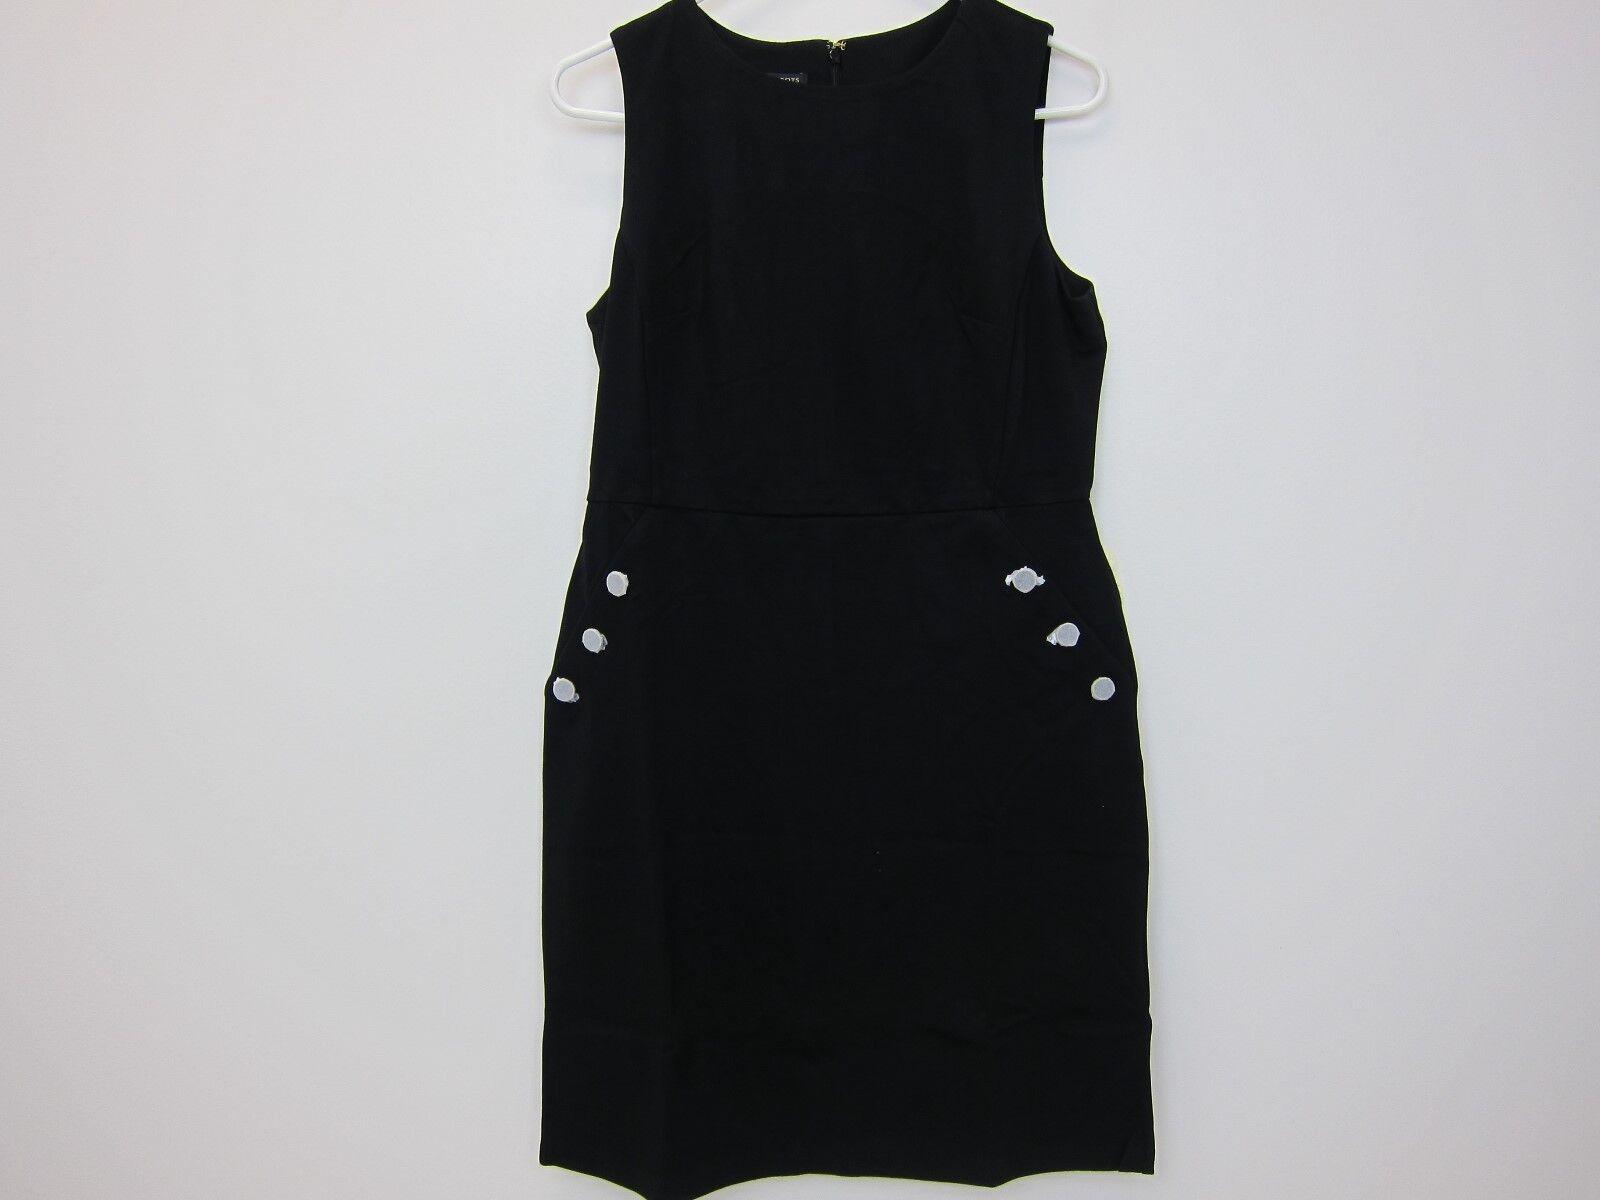 Talbots Woherren Button-Pocket Ponte Dress 10P schwarz  NWT